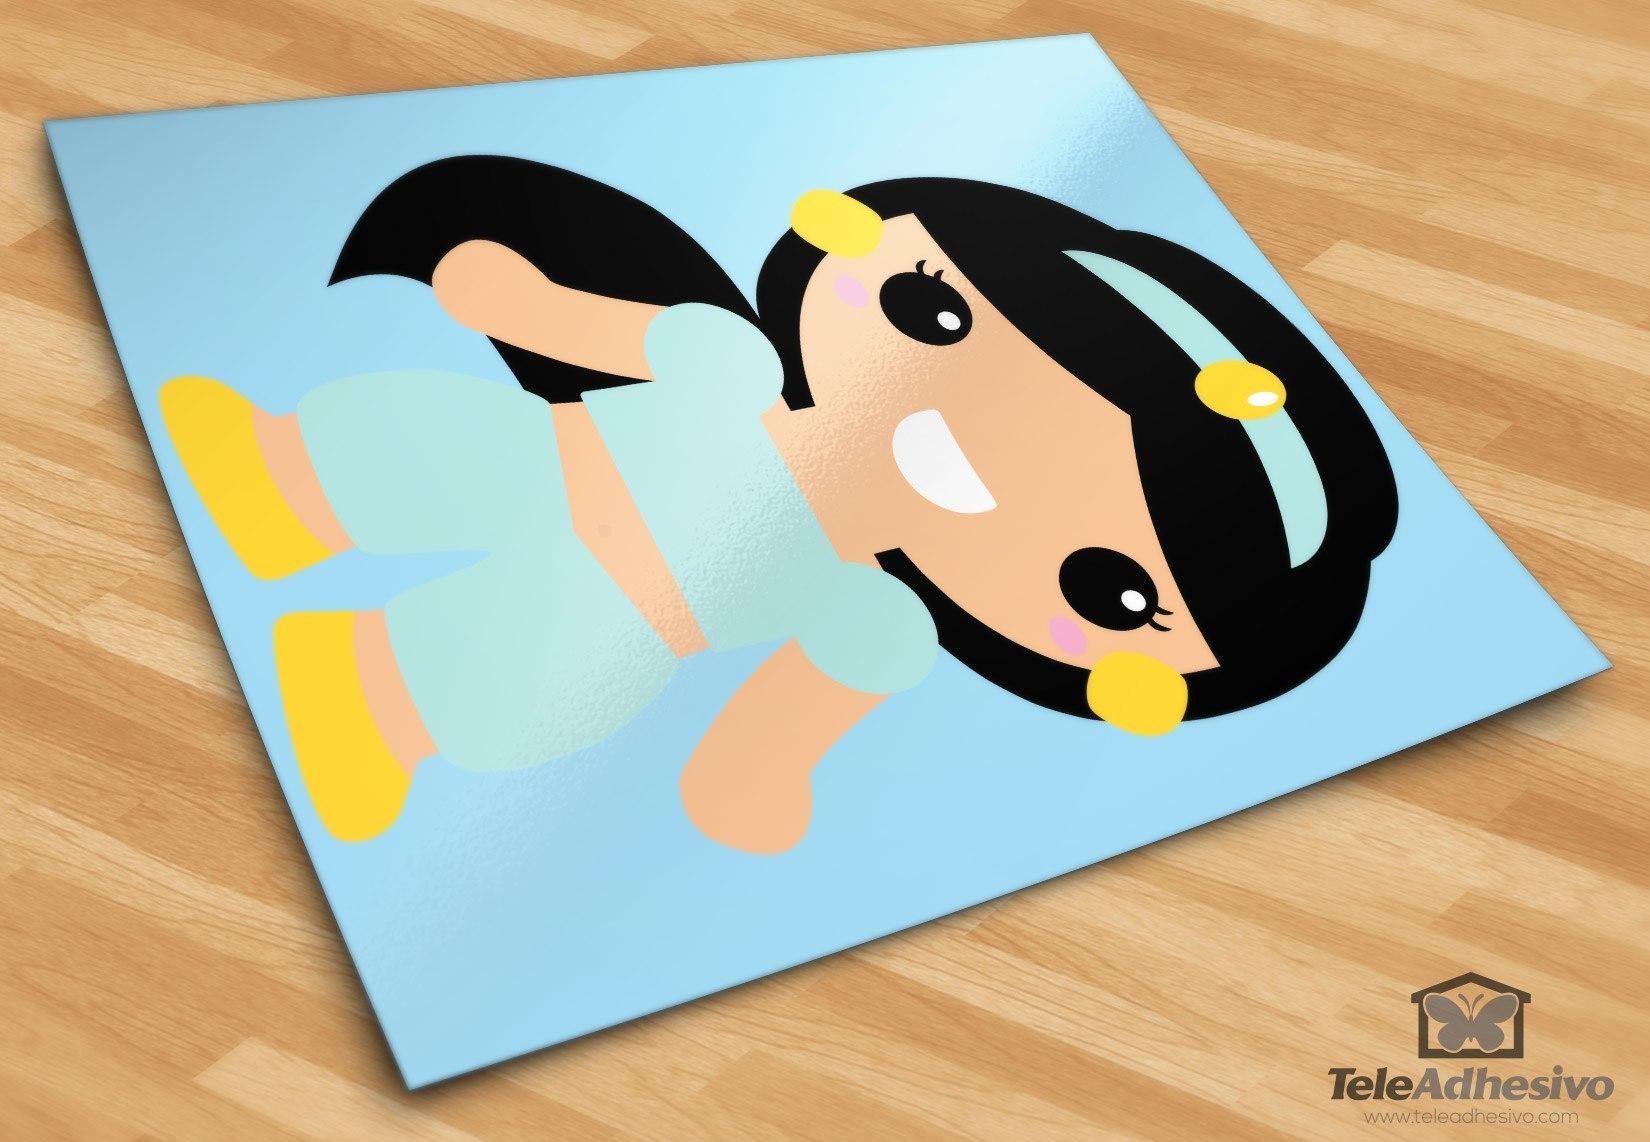 Kinderzimmer Wandtattoo: Prinzessin Jasmin